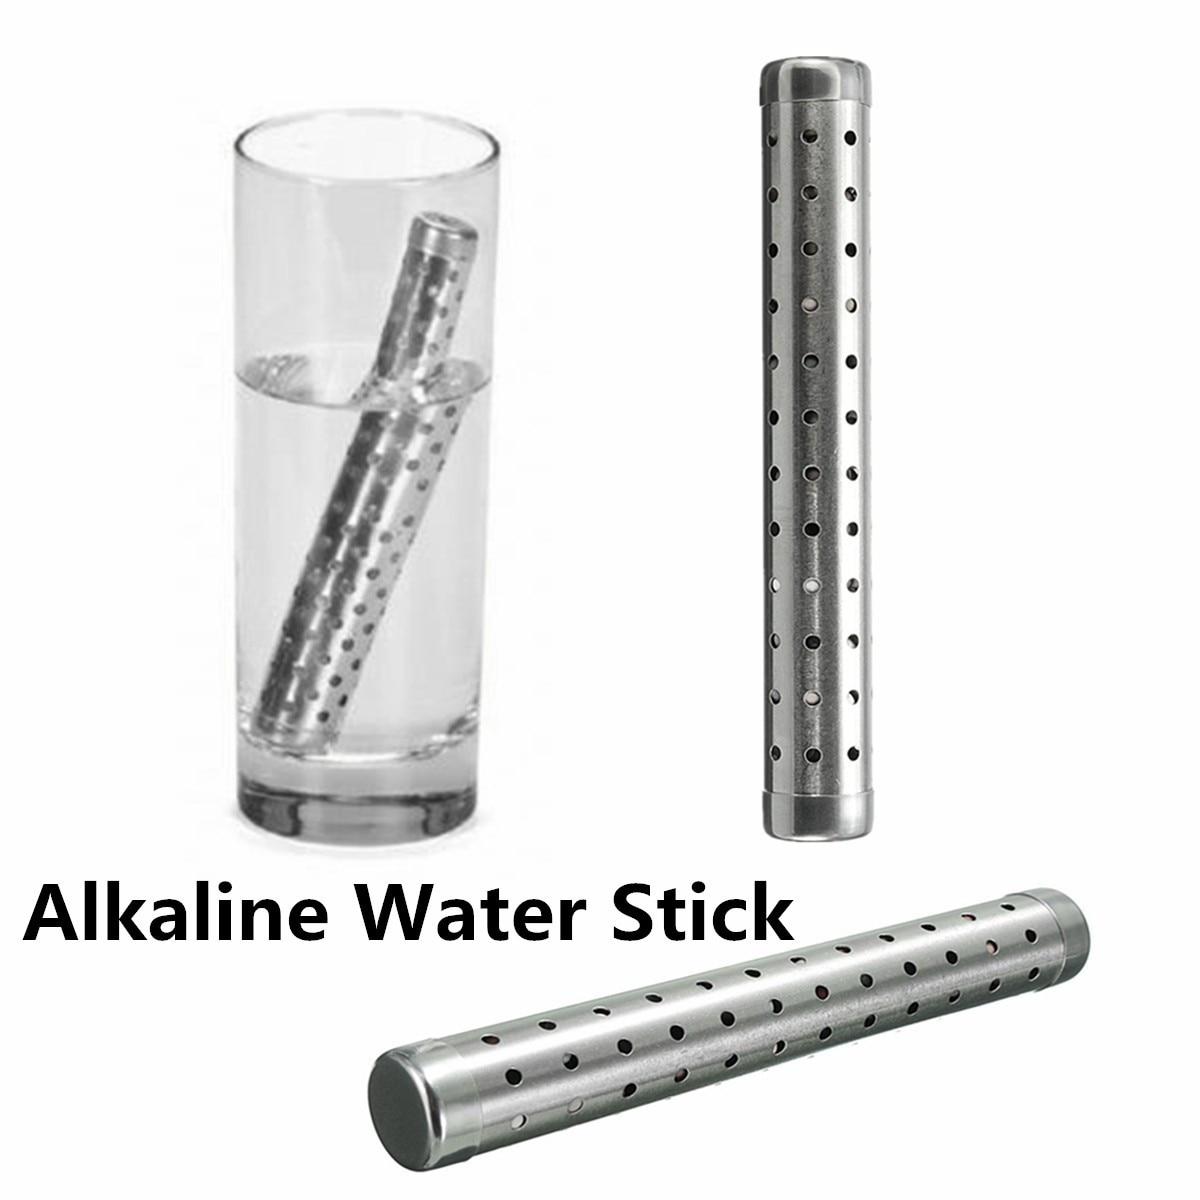 Alkaline Water Stick PH Alkalizer Ionizer HydrogenMinerals Water Purifier Filter Health Care Enhance Human Immunity